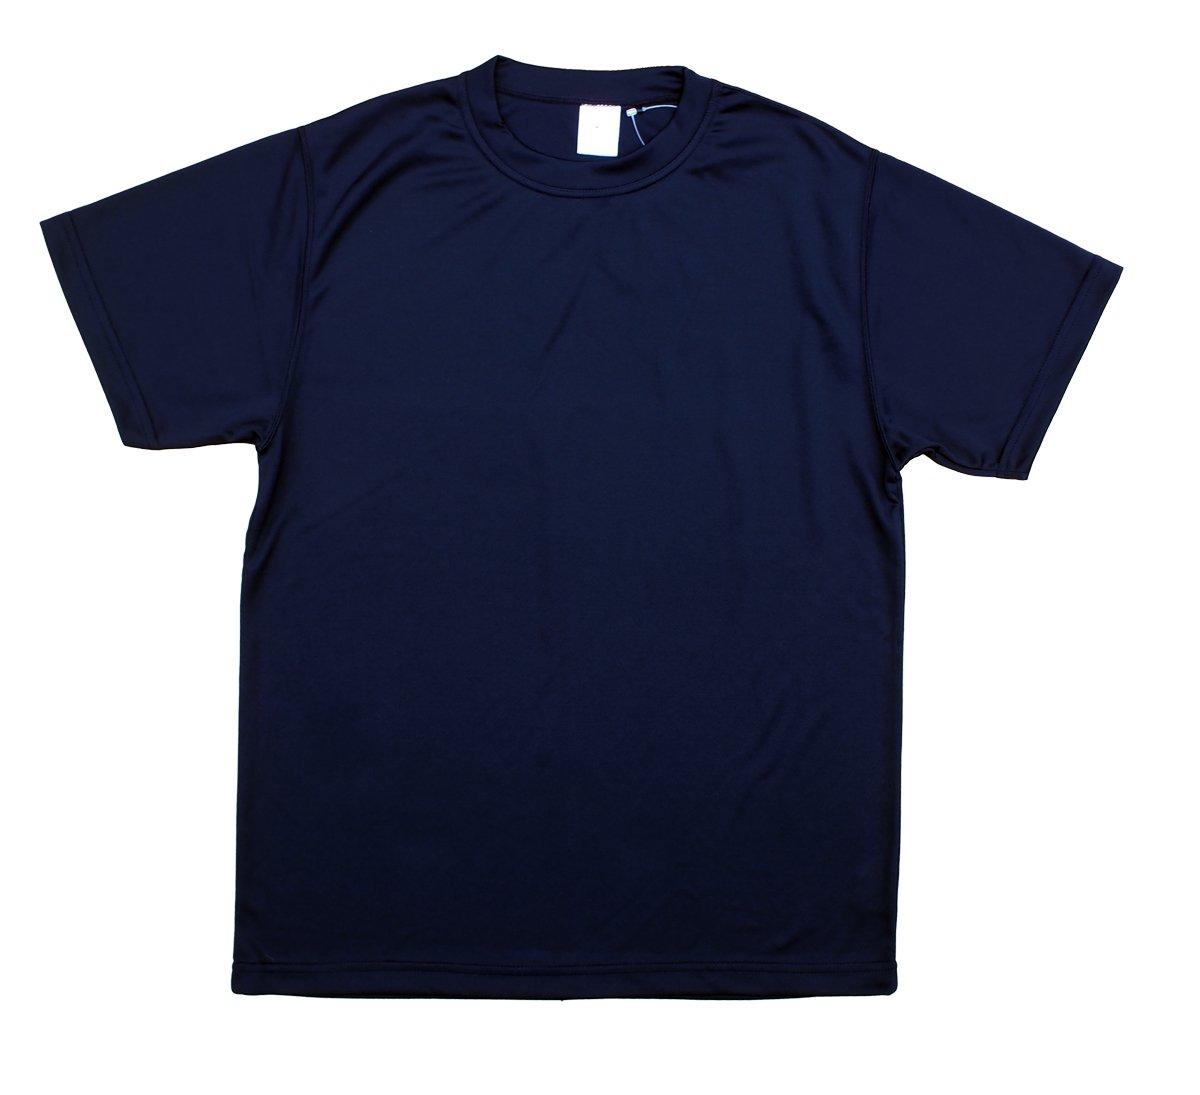 【在庫限り特価】4.3オンス 吸汗速乾ドライTシャツ【画像2】